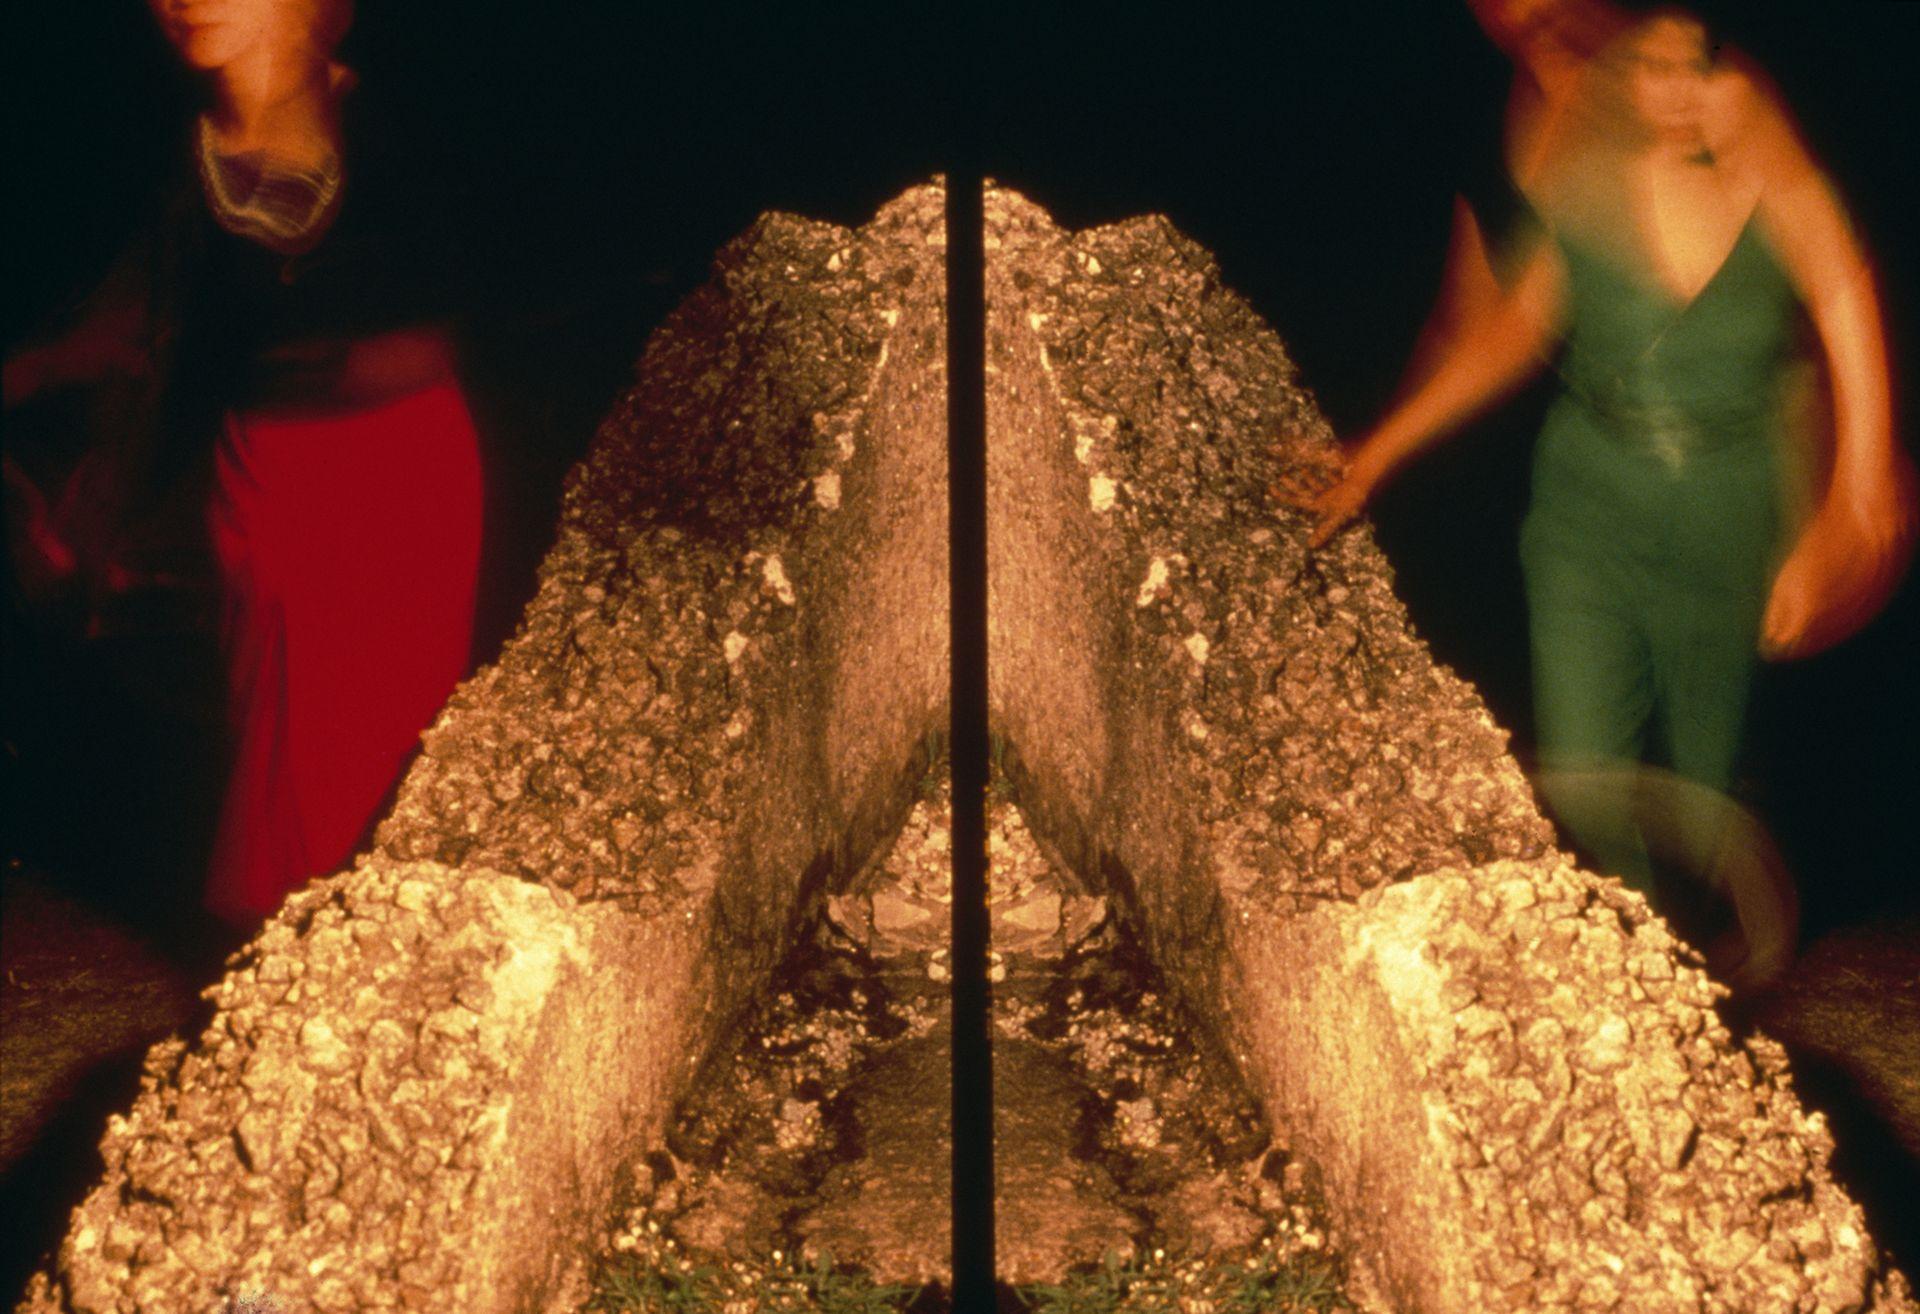 Two Women, 1990